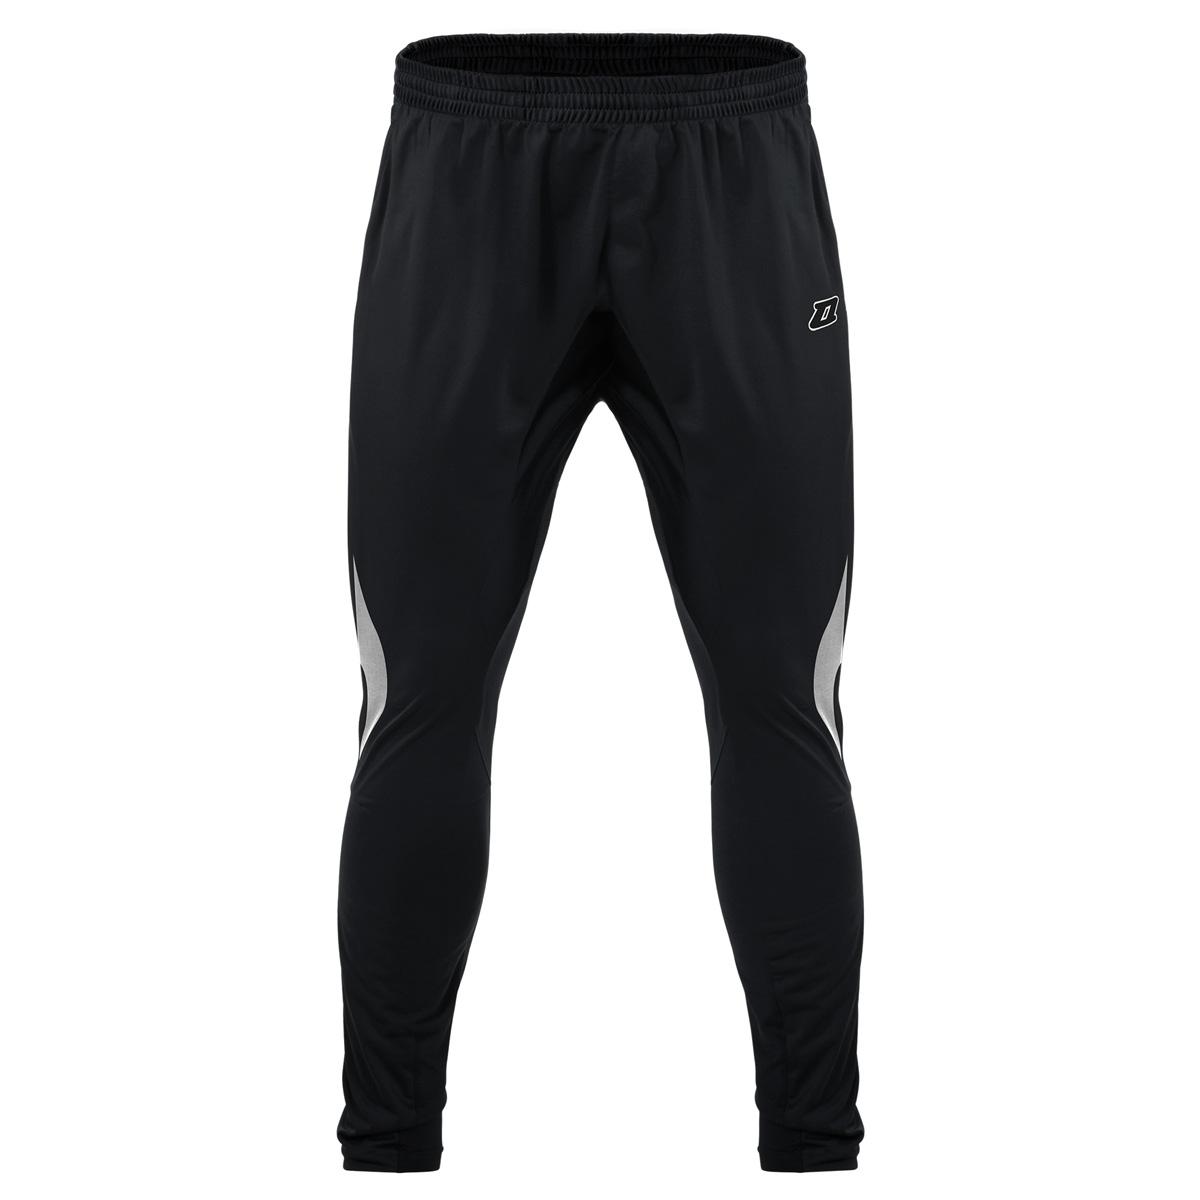 e724a4c0 GANADOR - Spodnie dresowe